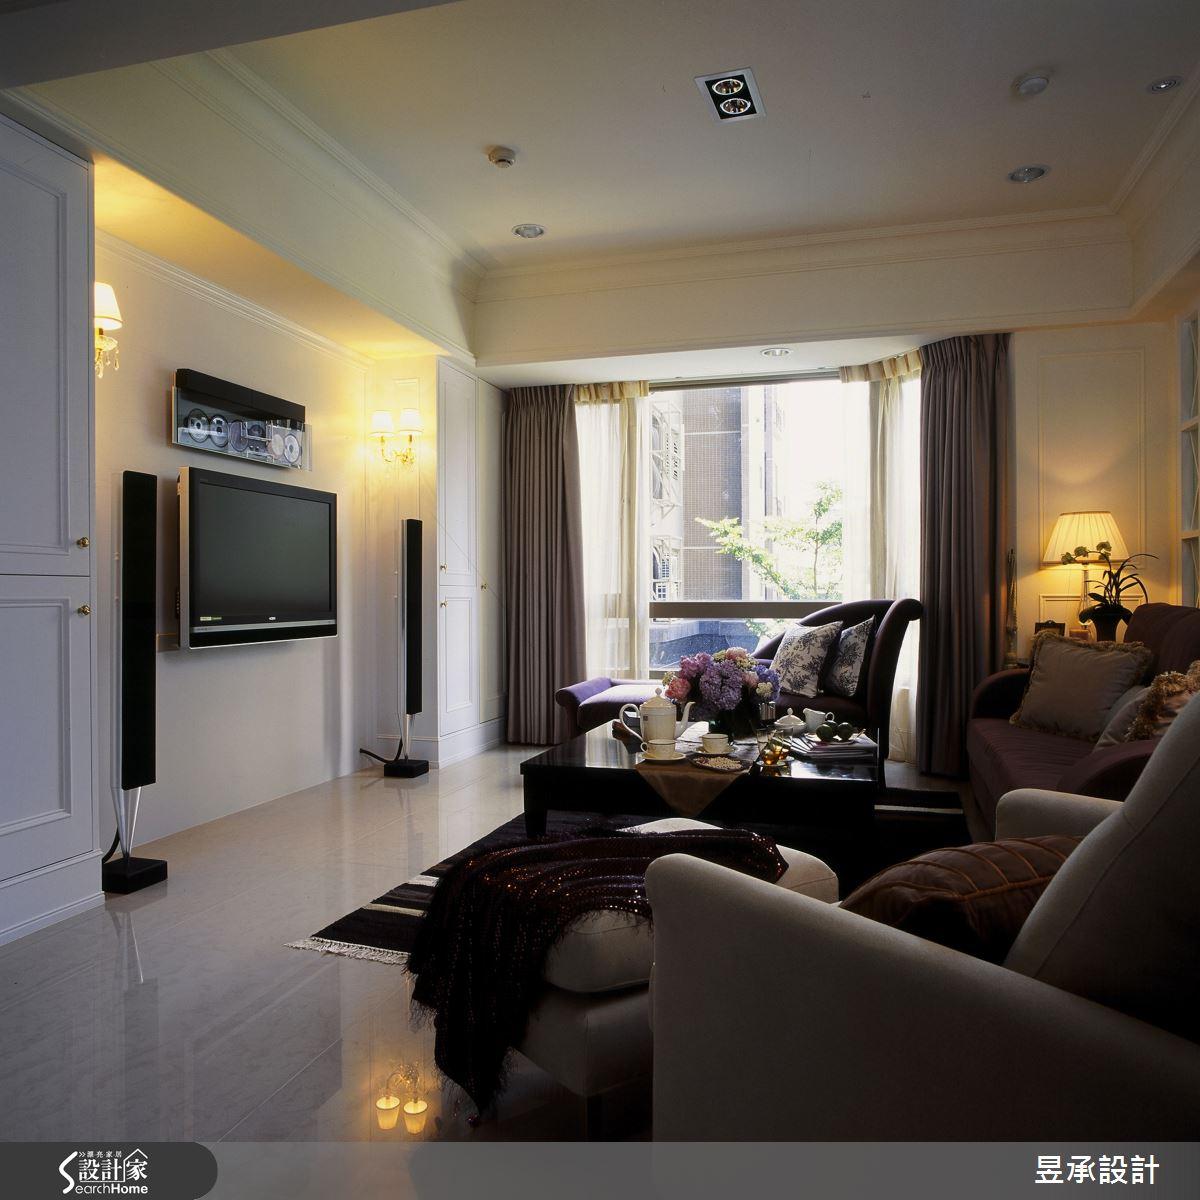 50 坪美式古典宅邸   構築獨一無二的浪漫情境